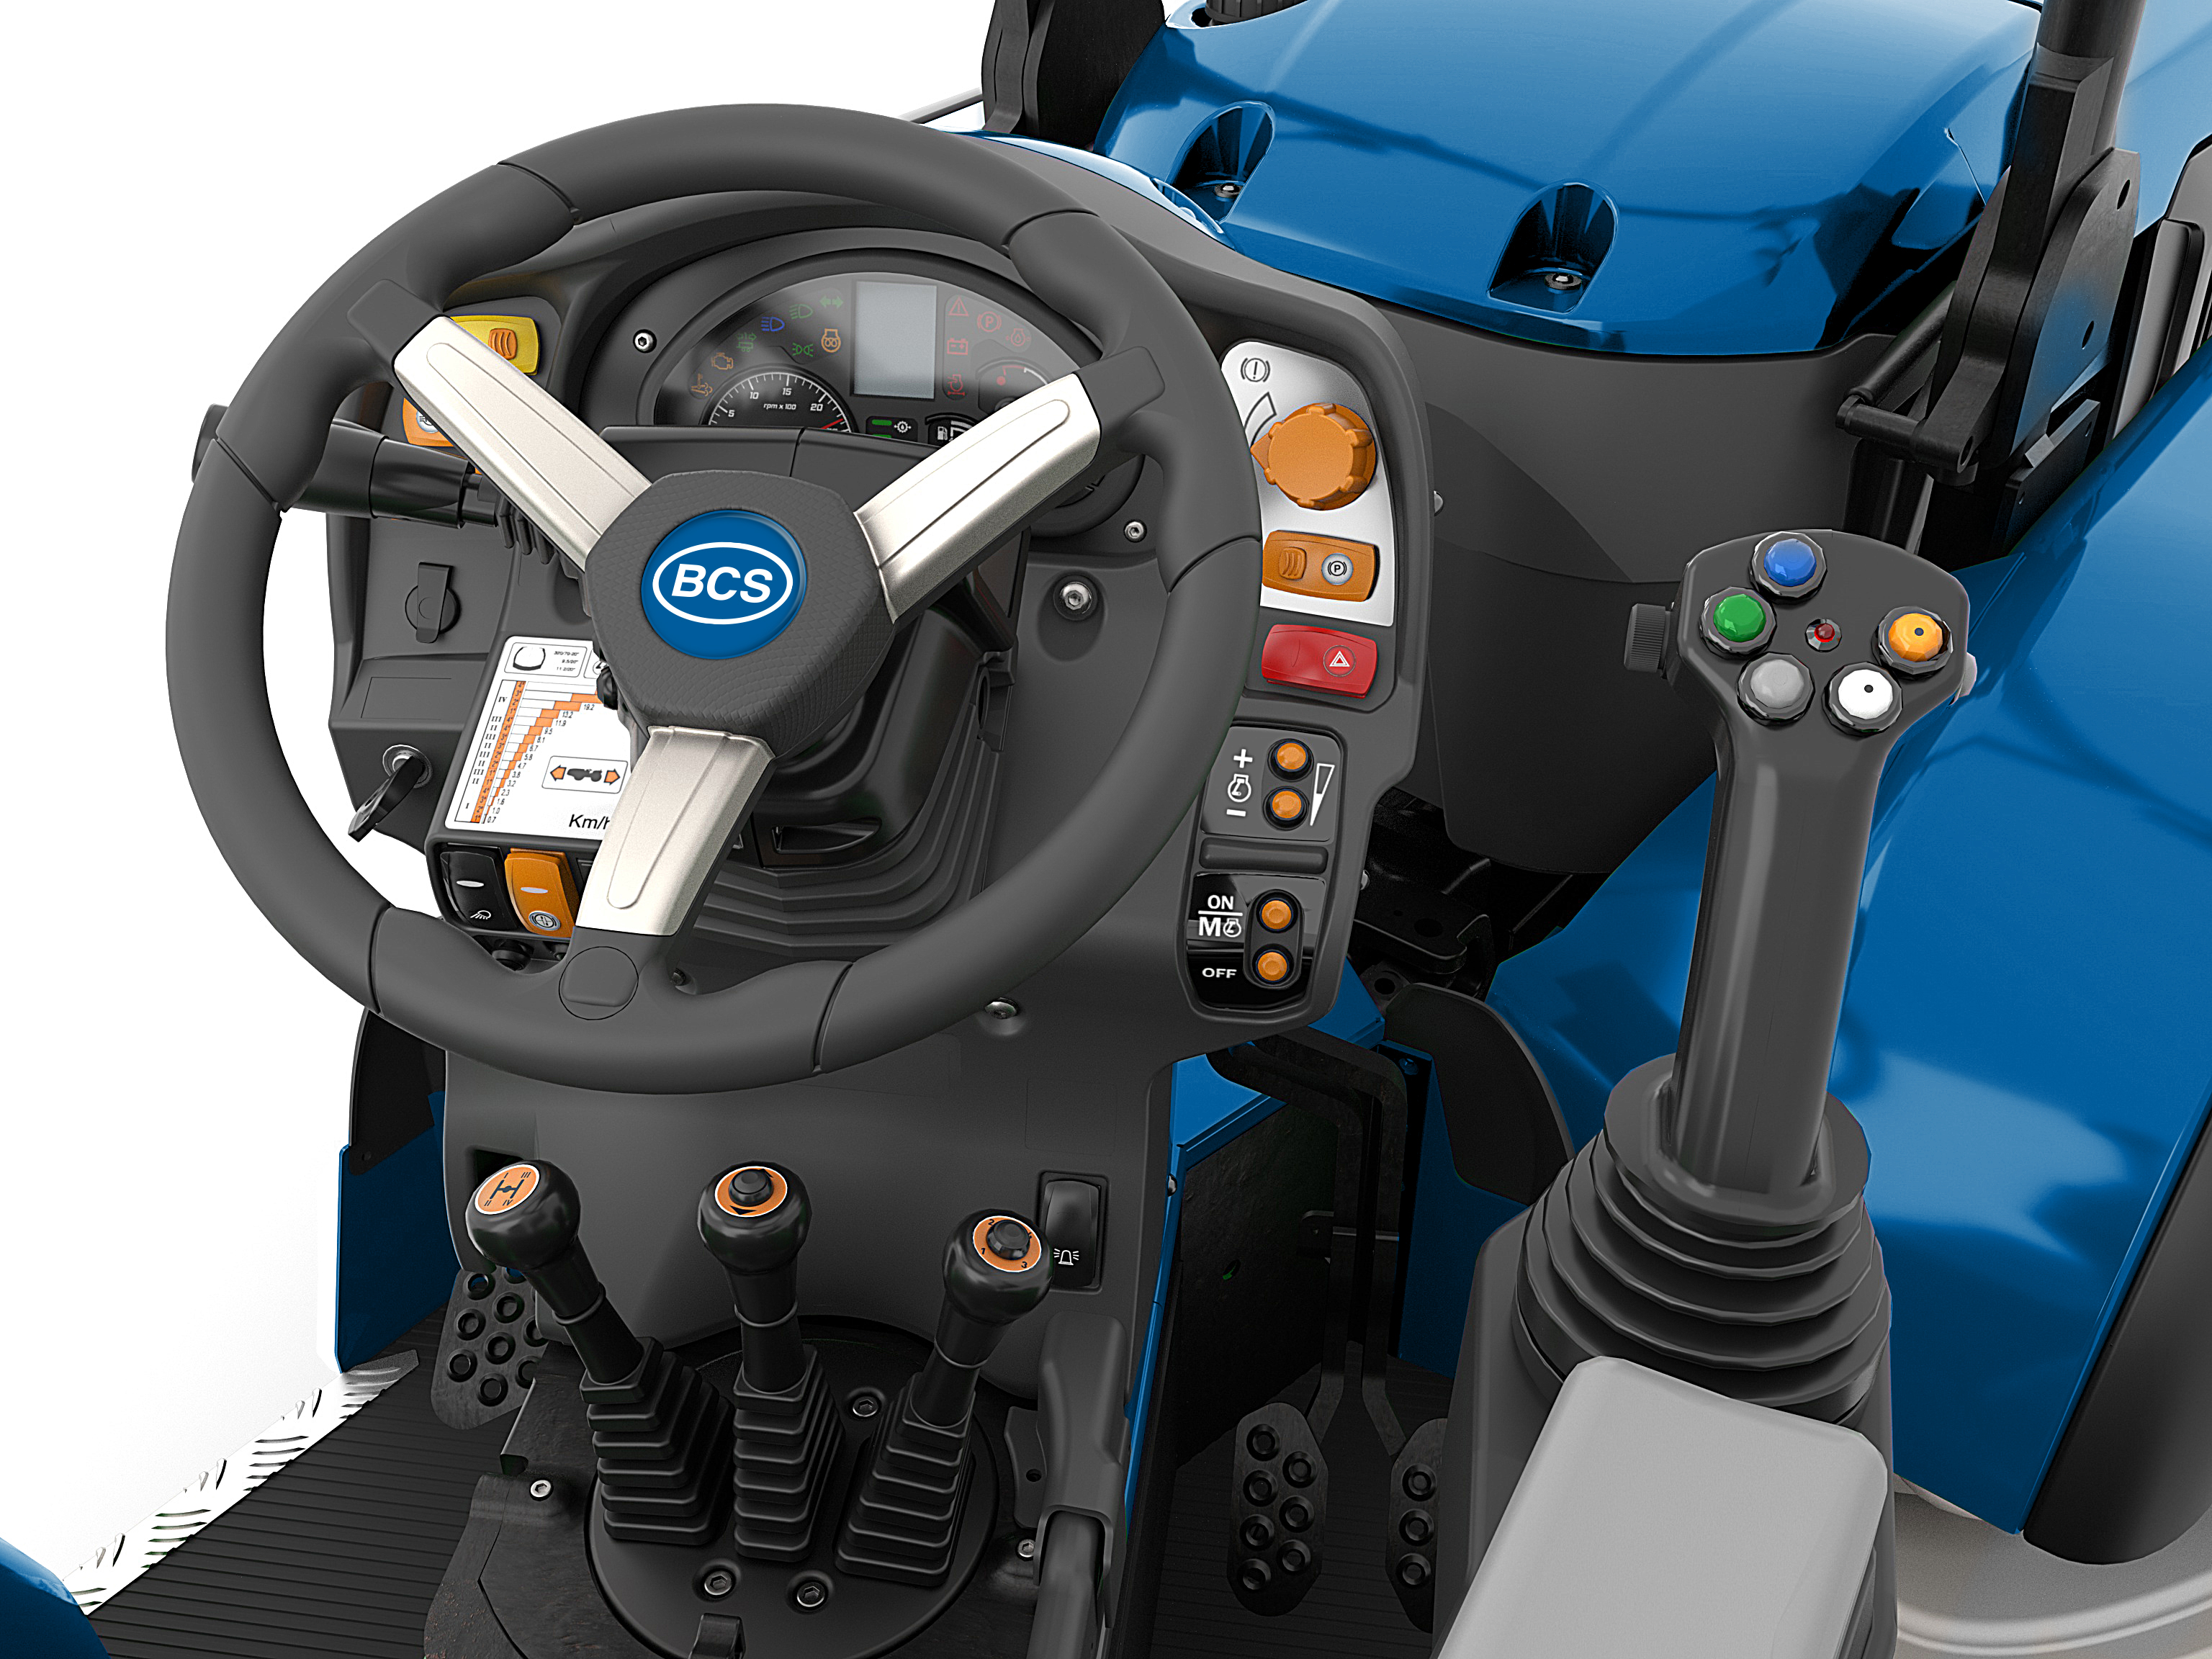 Conducción y seguridad tractor Eagle 85 SDT DS - BCS Agrícola